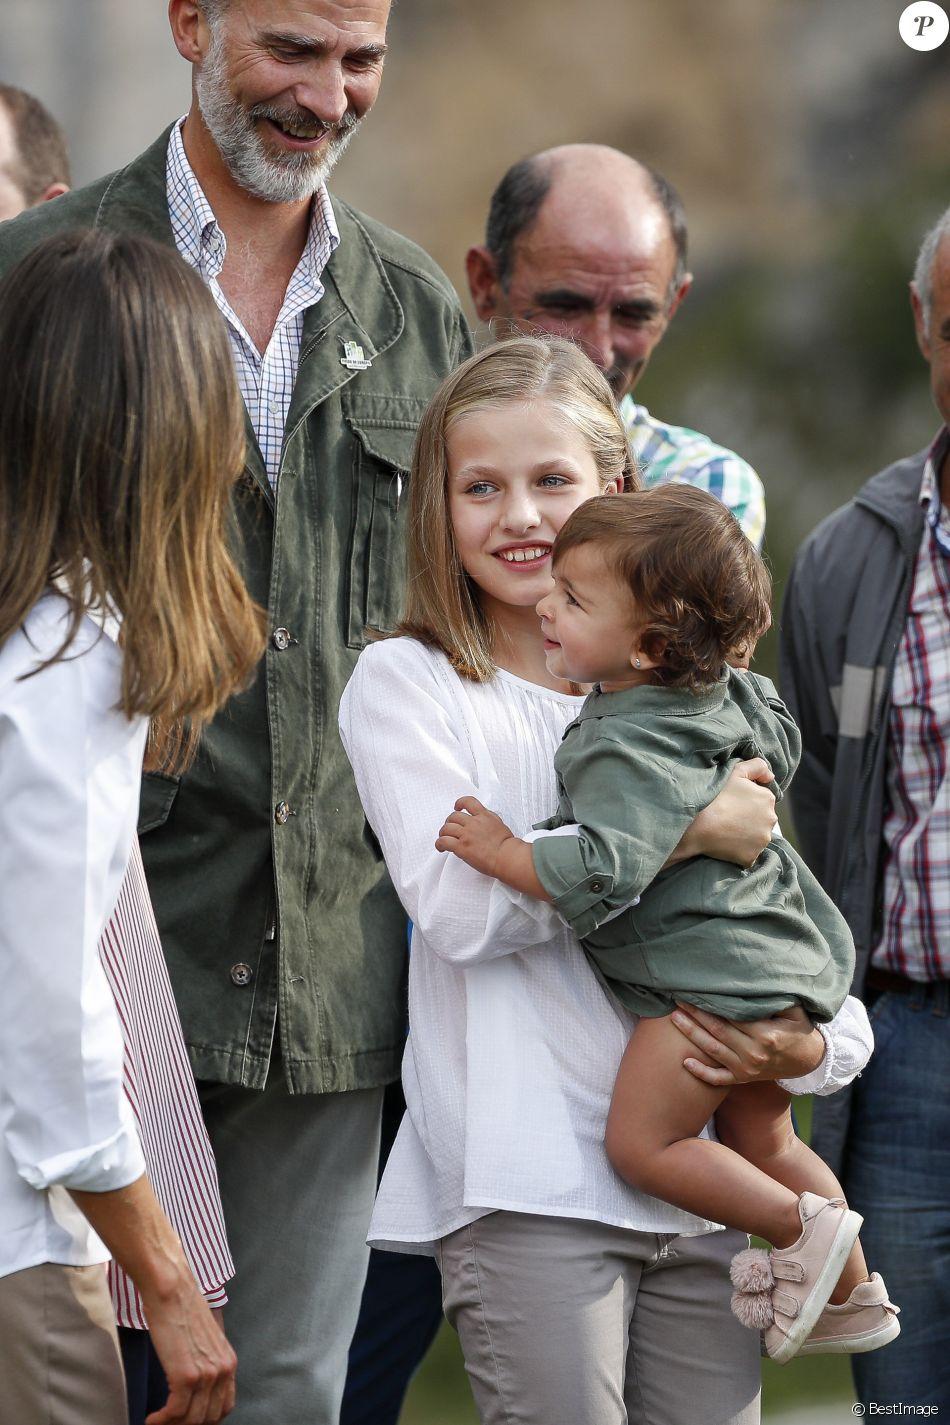 Le roi Felipe VI d'Espagne, la reine Letizia et leurs filles la princesse Leonor des Asturies (portant ici Jade, petite-fille de l'homme qui lui a offert une jument) et l'infante Sofia ont célébré le centenaire de la création du Parc National de la Montagne de Covadonga le 8 septembre 2018 à Cangas de Onis. Il s'agissait de la première visite officielle de la princesse Leonor dans le royaume des Asturies, une manère d'étrenner officiellement son titre d'héritière, 41 ans après son père.   Le roi Felipe, la reine Letizia et leurs filles la princesse Leonor et l'infante Sofia - La famille royale espagnole lors du centenaire de la création du parc national de Covadonga dans les Asturies le 8 septembre 2018. Spanish Royals attend the 100th anniversary of the Covadonga Mountain National Park in Asturias. September 8, 201808/09/2018 - Covadonga